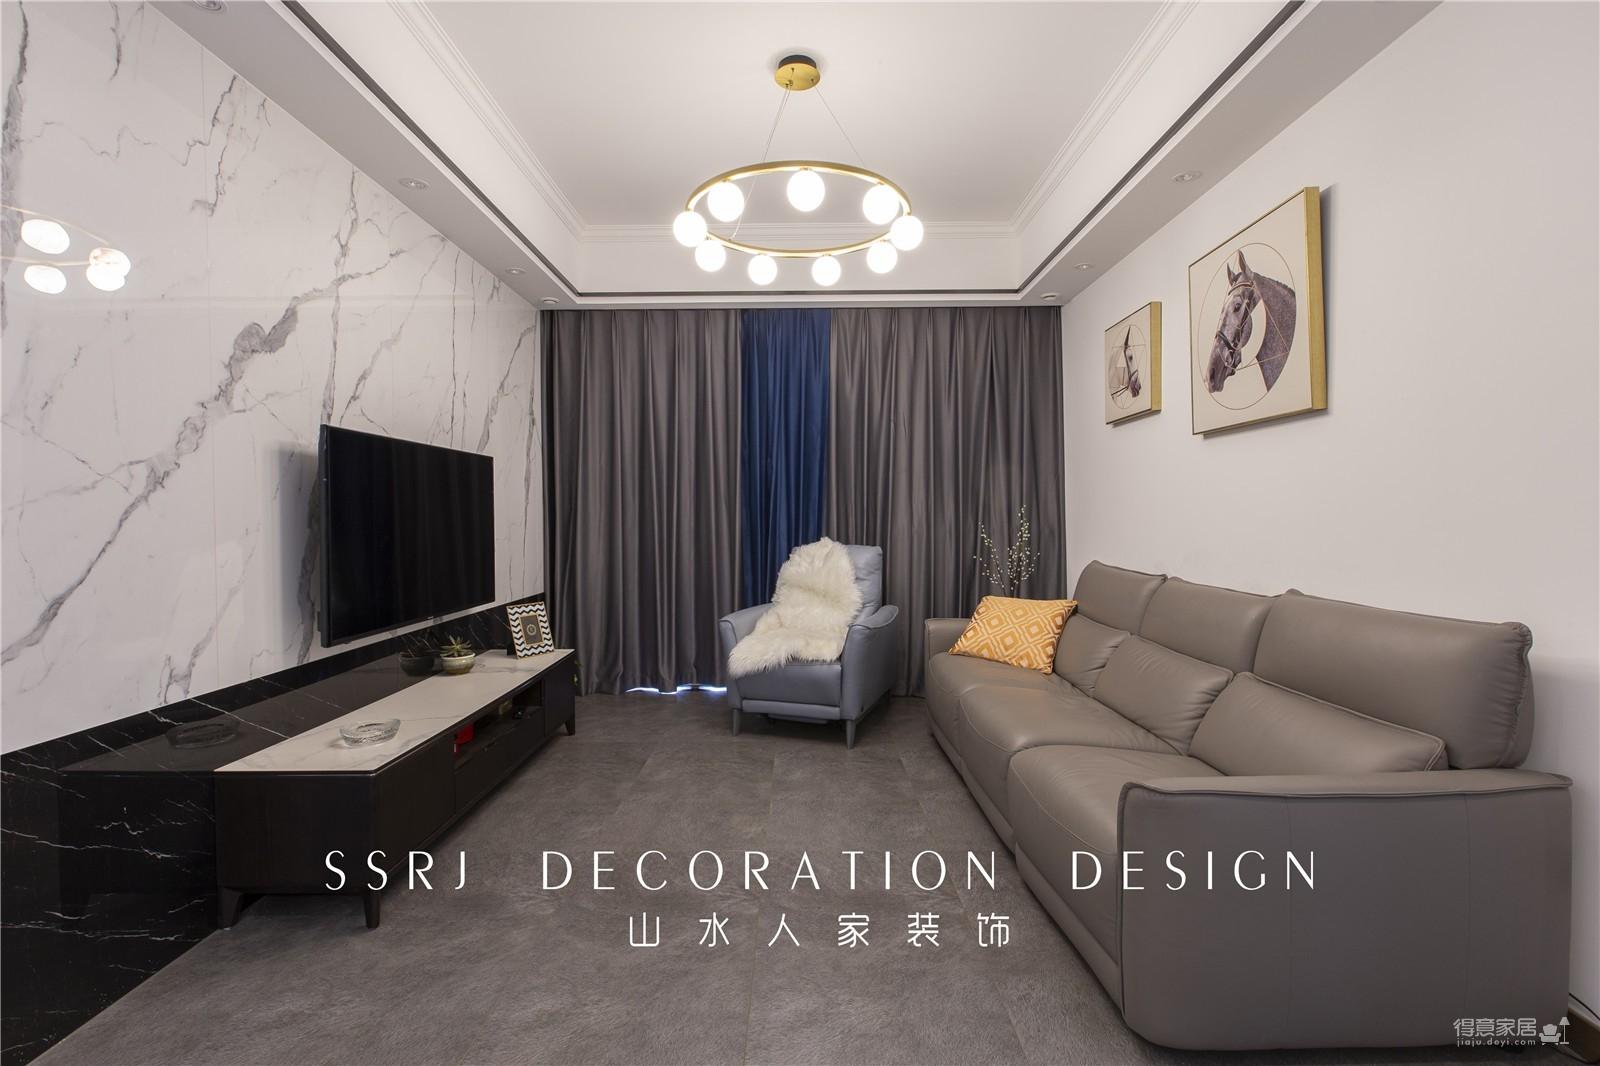 【沙湖怡景】103平三室两厅现代风图_1